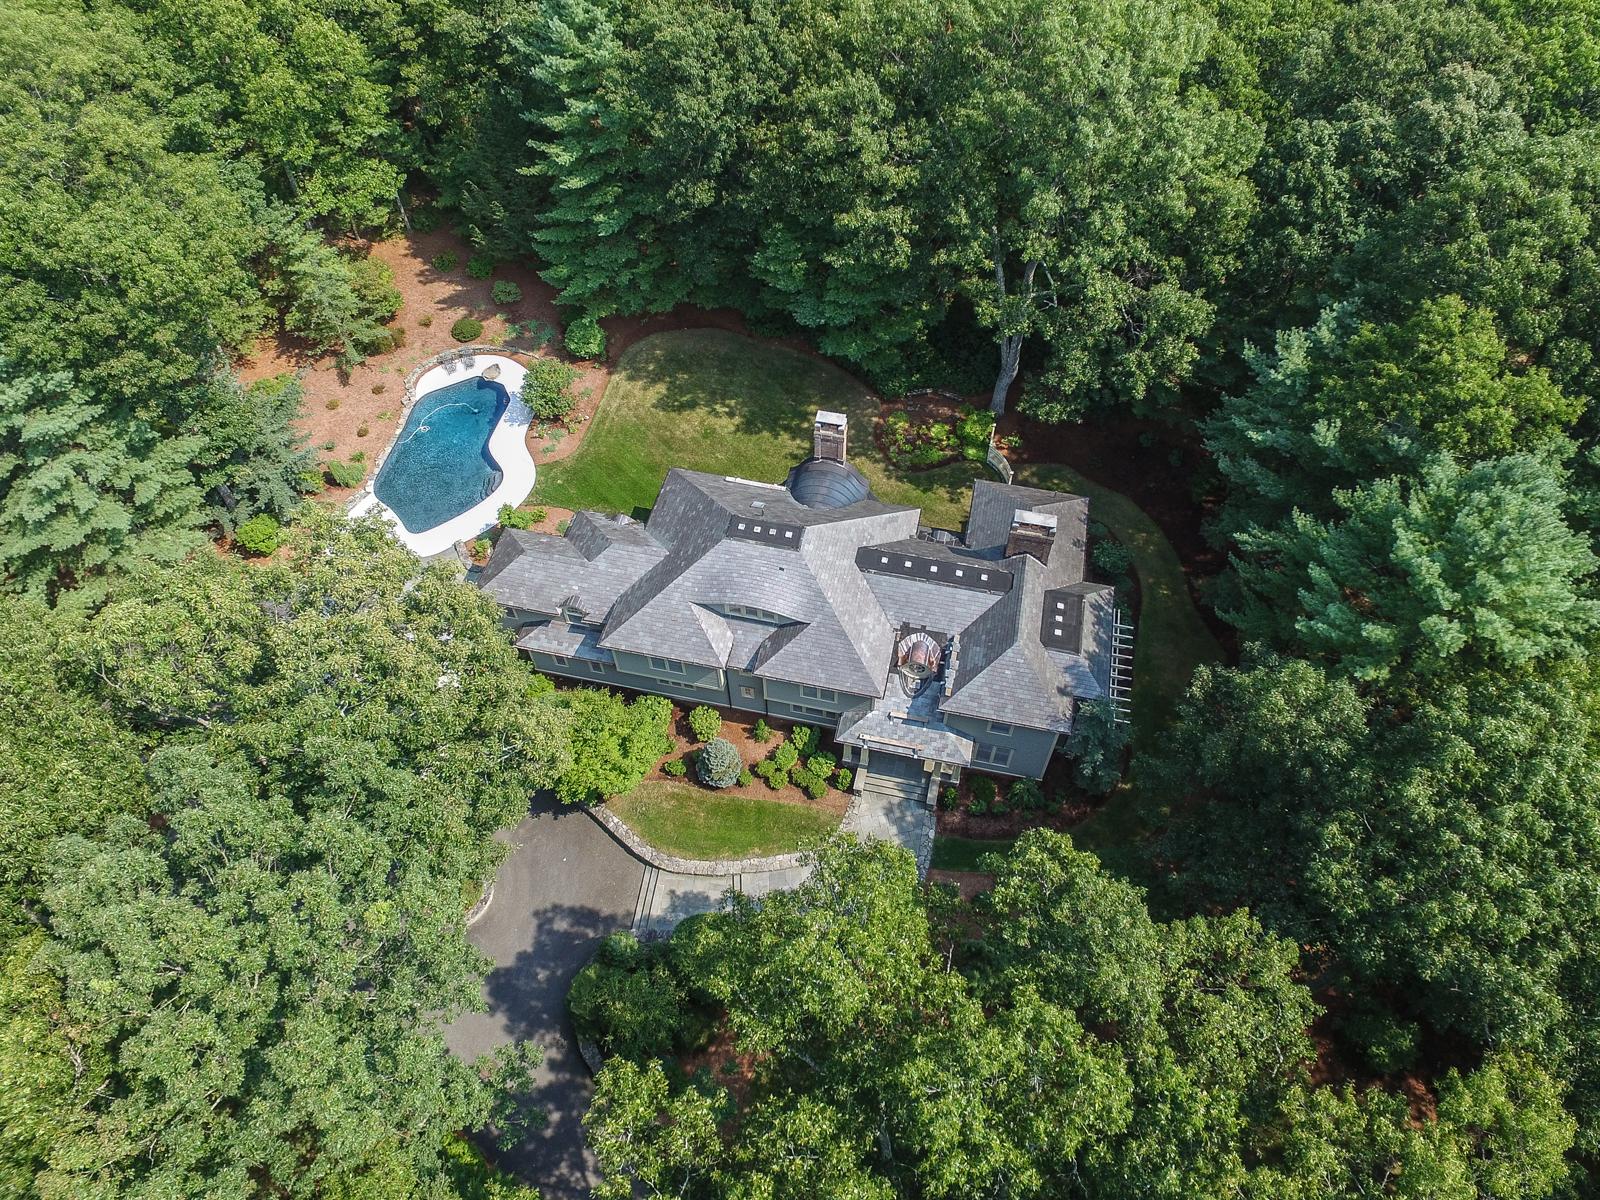 Частный односемейный дом для того Продажа на 52 Goodnow Road, Sudbury Sudbury, Массачусетс 01776 Соединенные Штаты